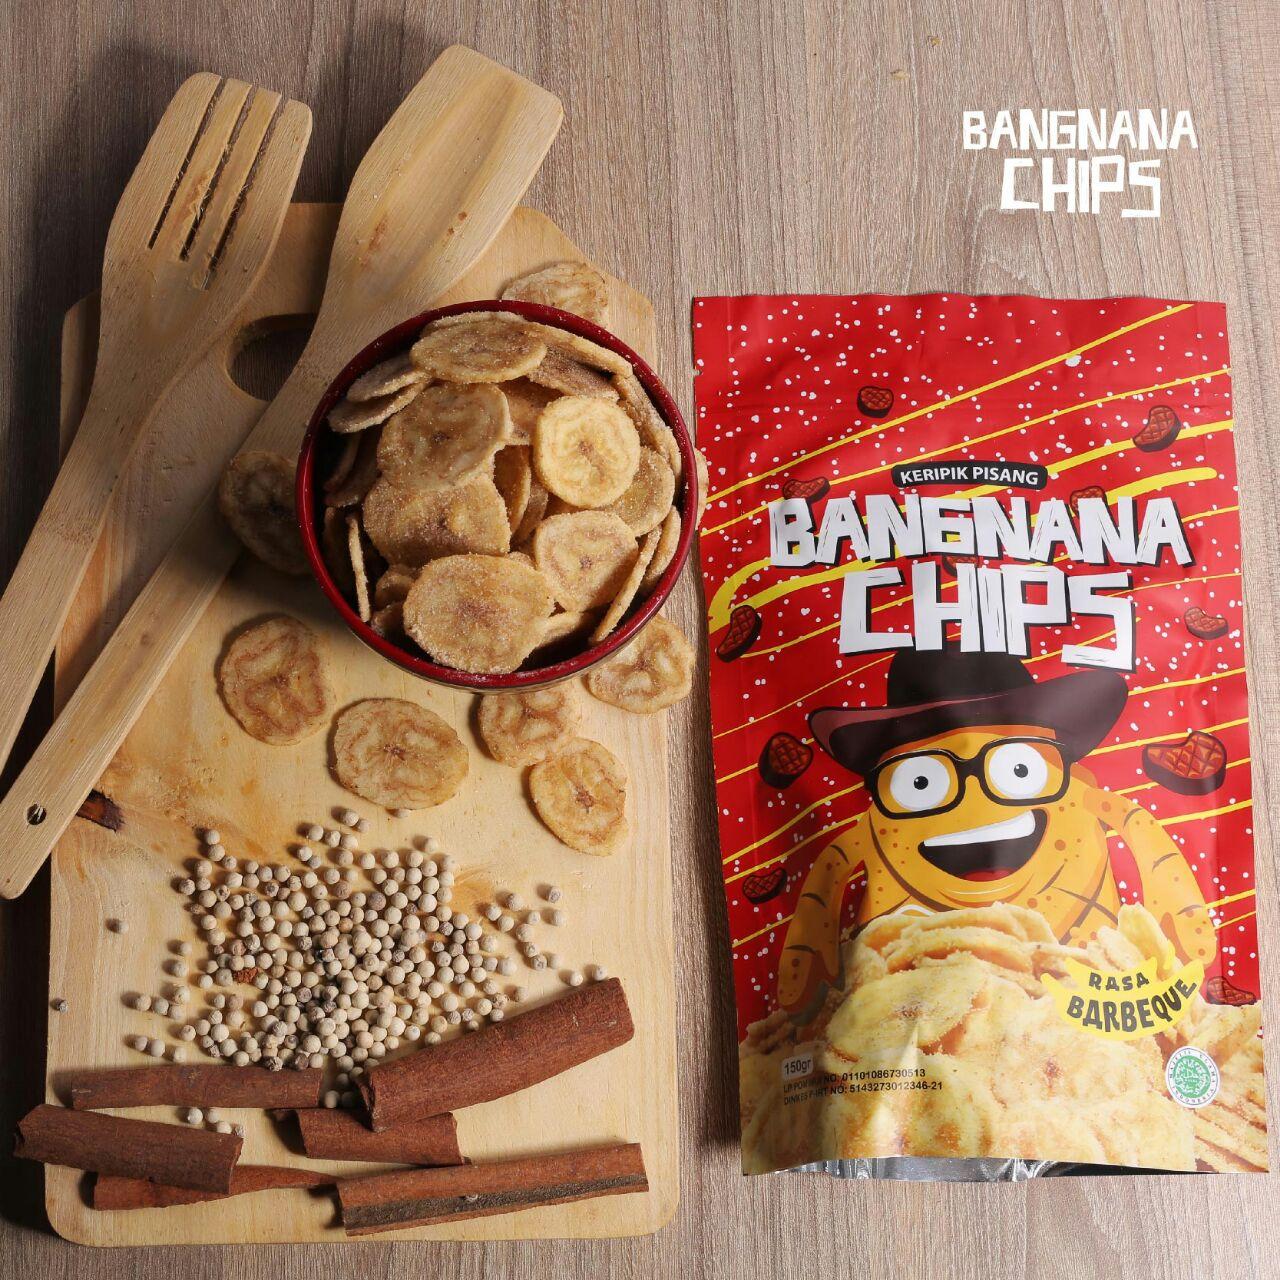 Bangnanachips Bangnana Chips